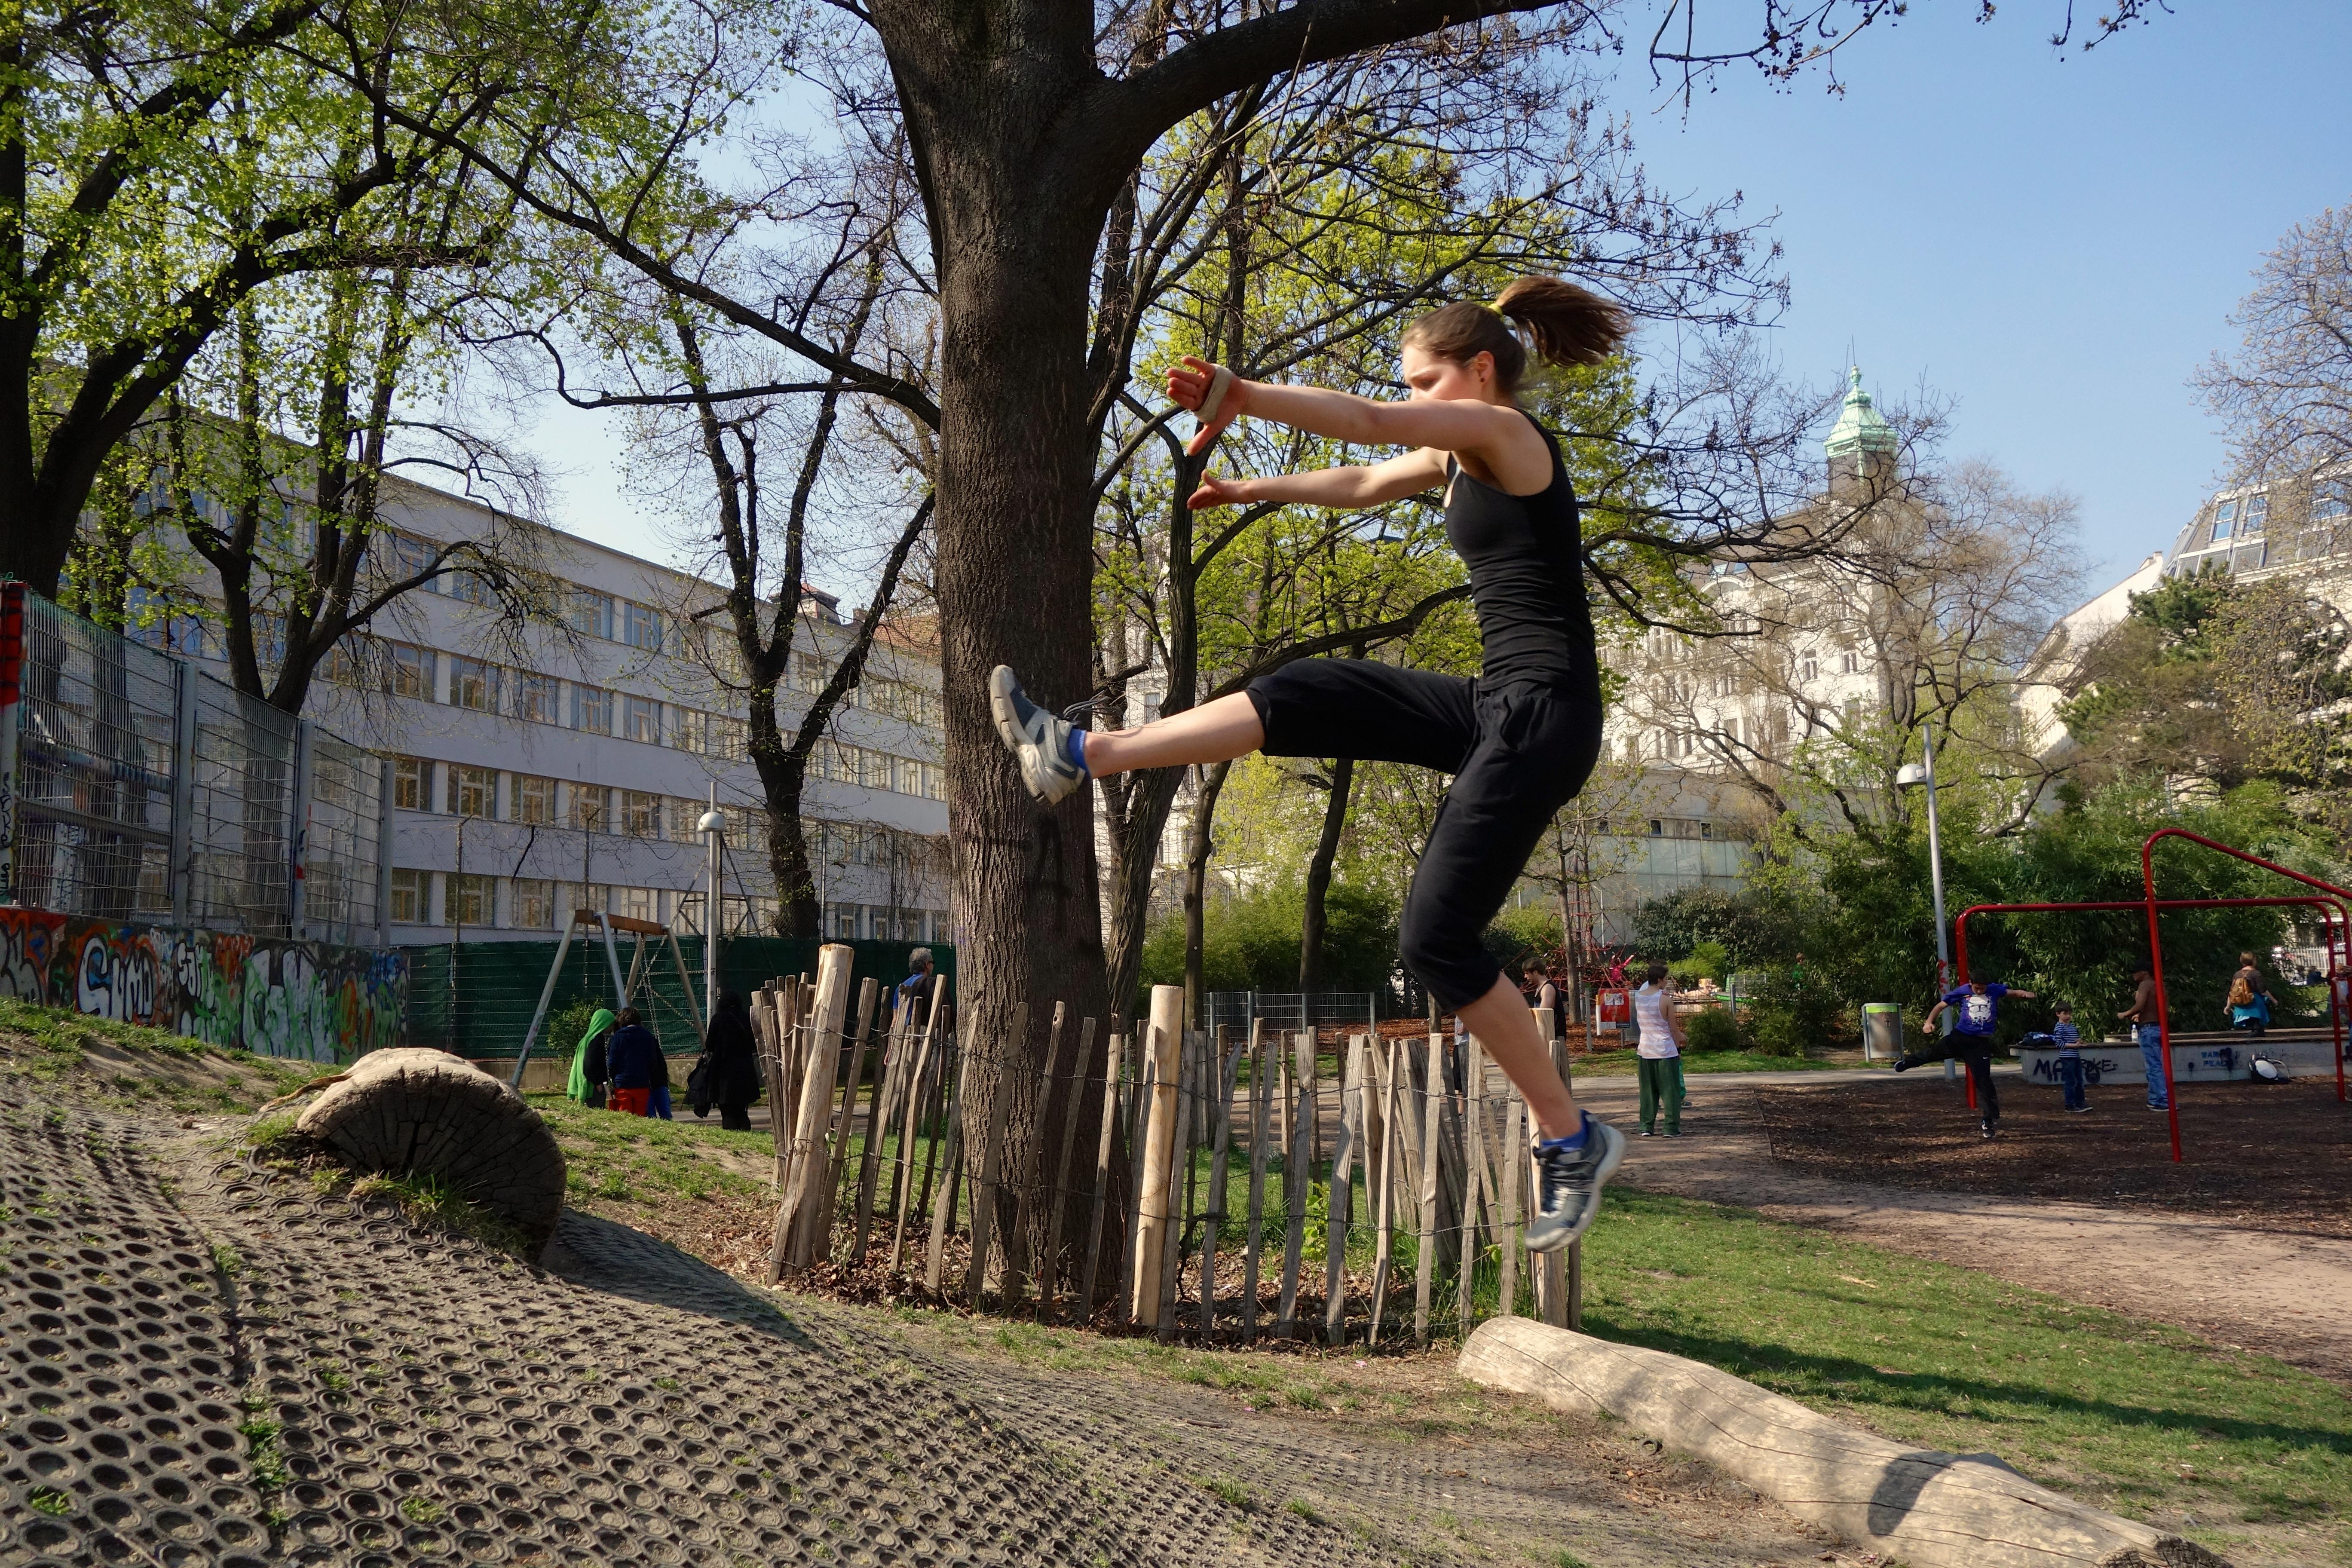 Kathi Sprung